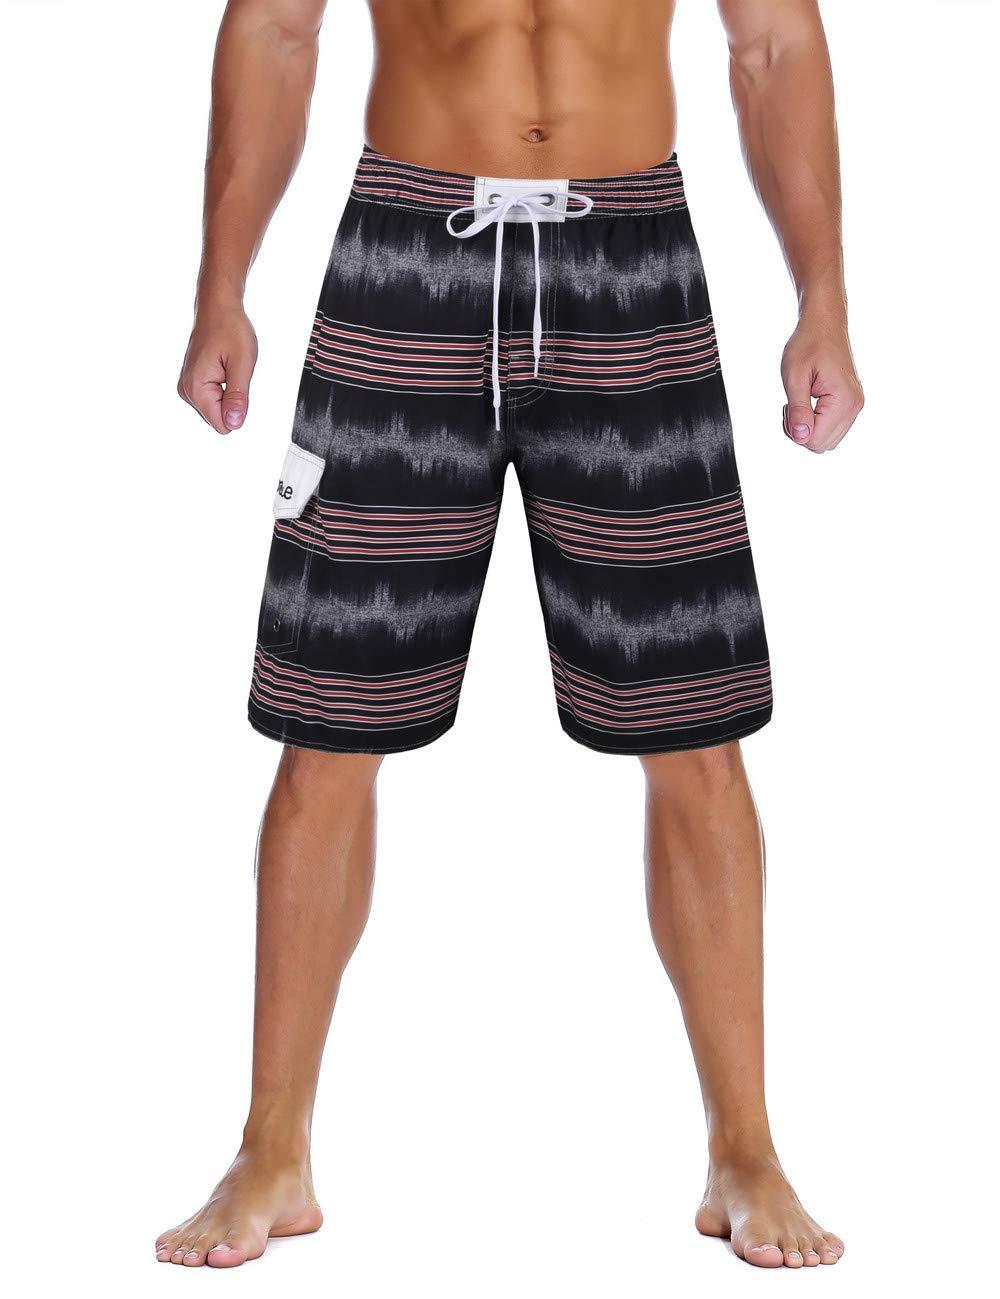 Nonwe Men's Swimwear Beach Short Quick Dry Holiday